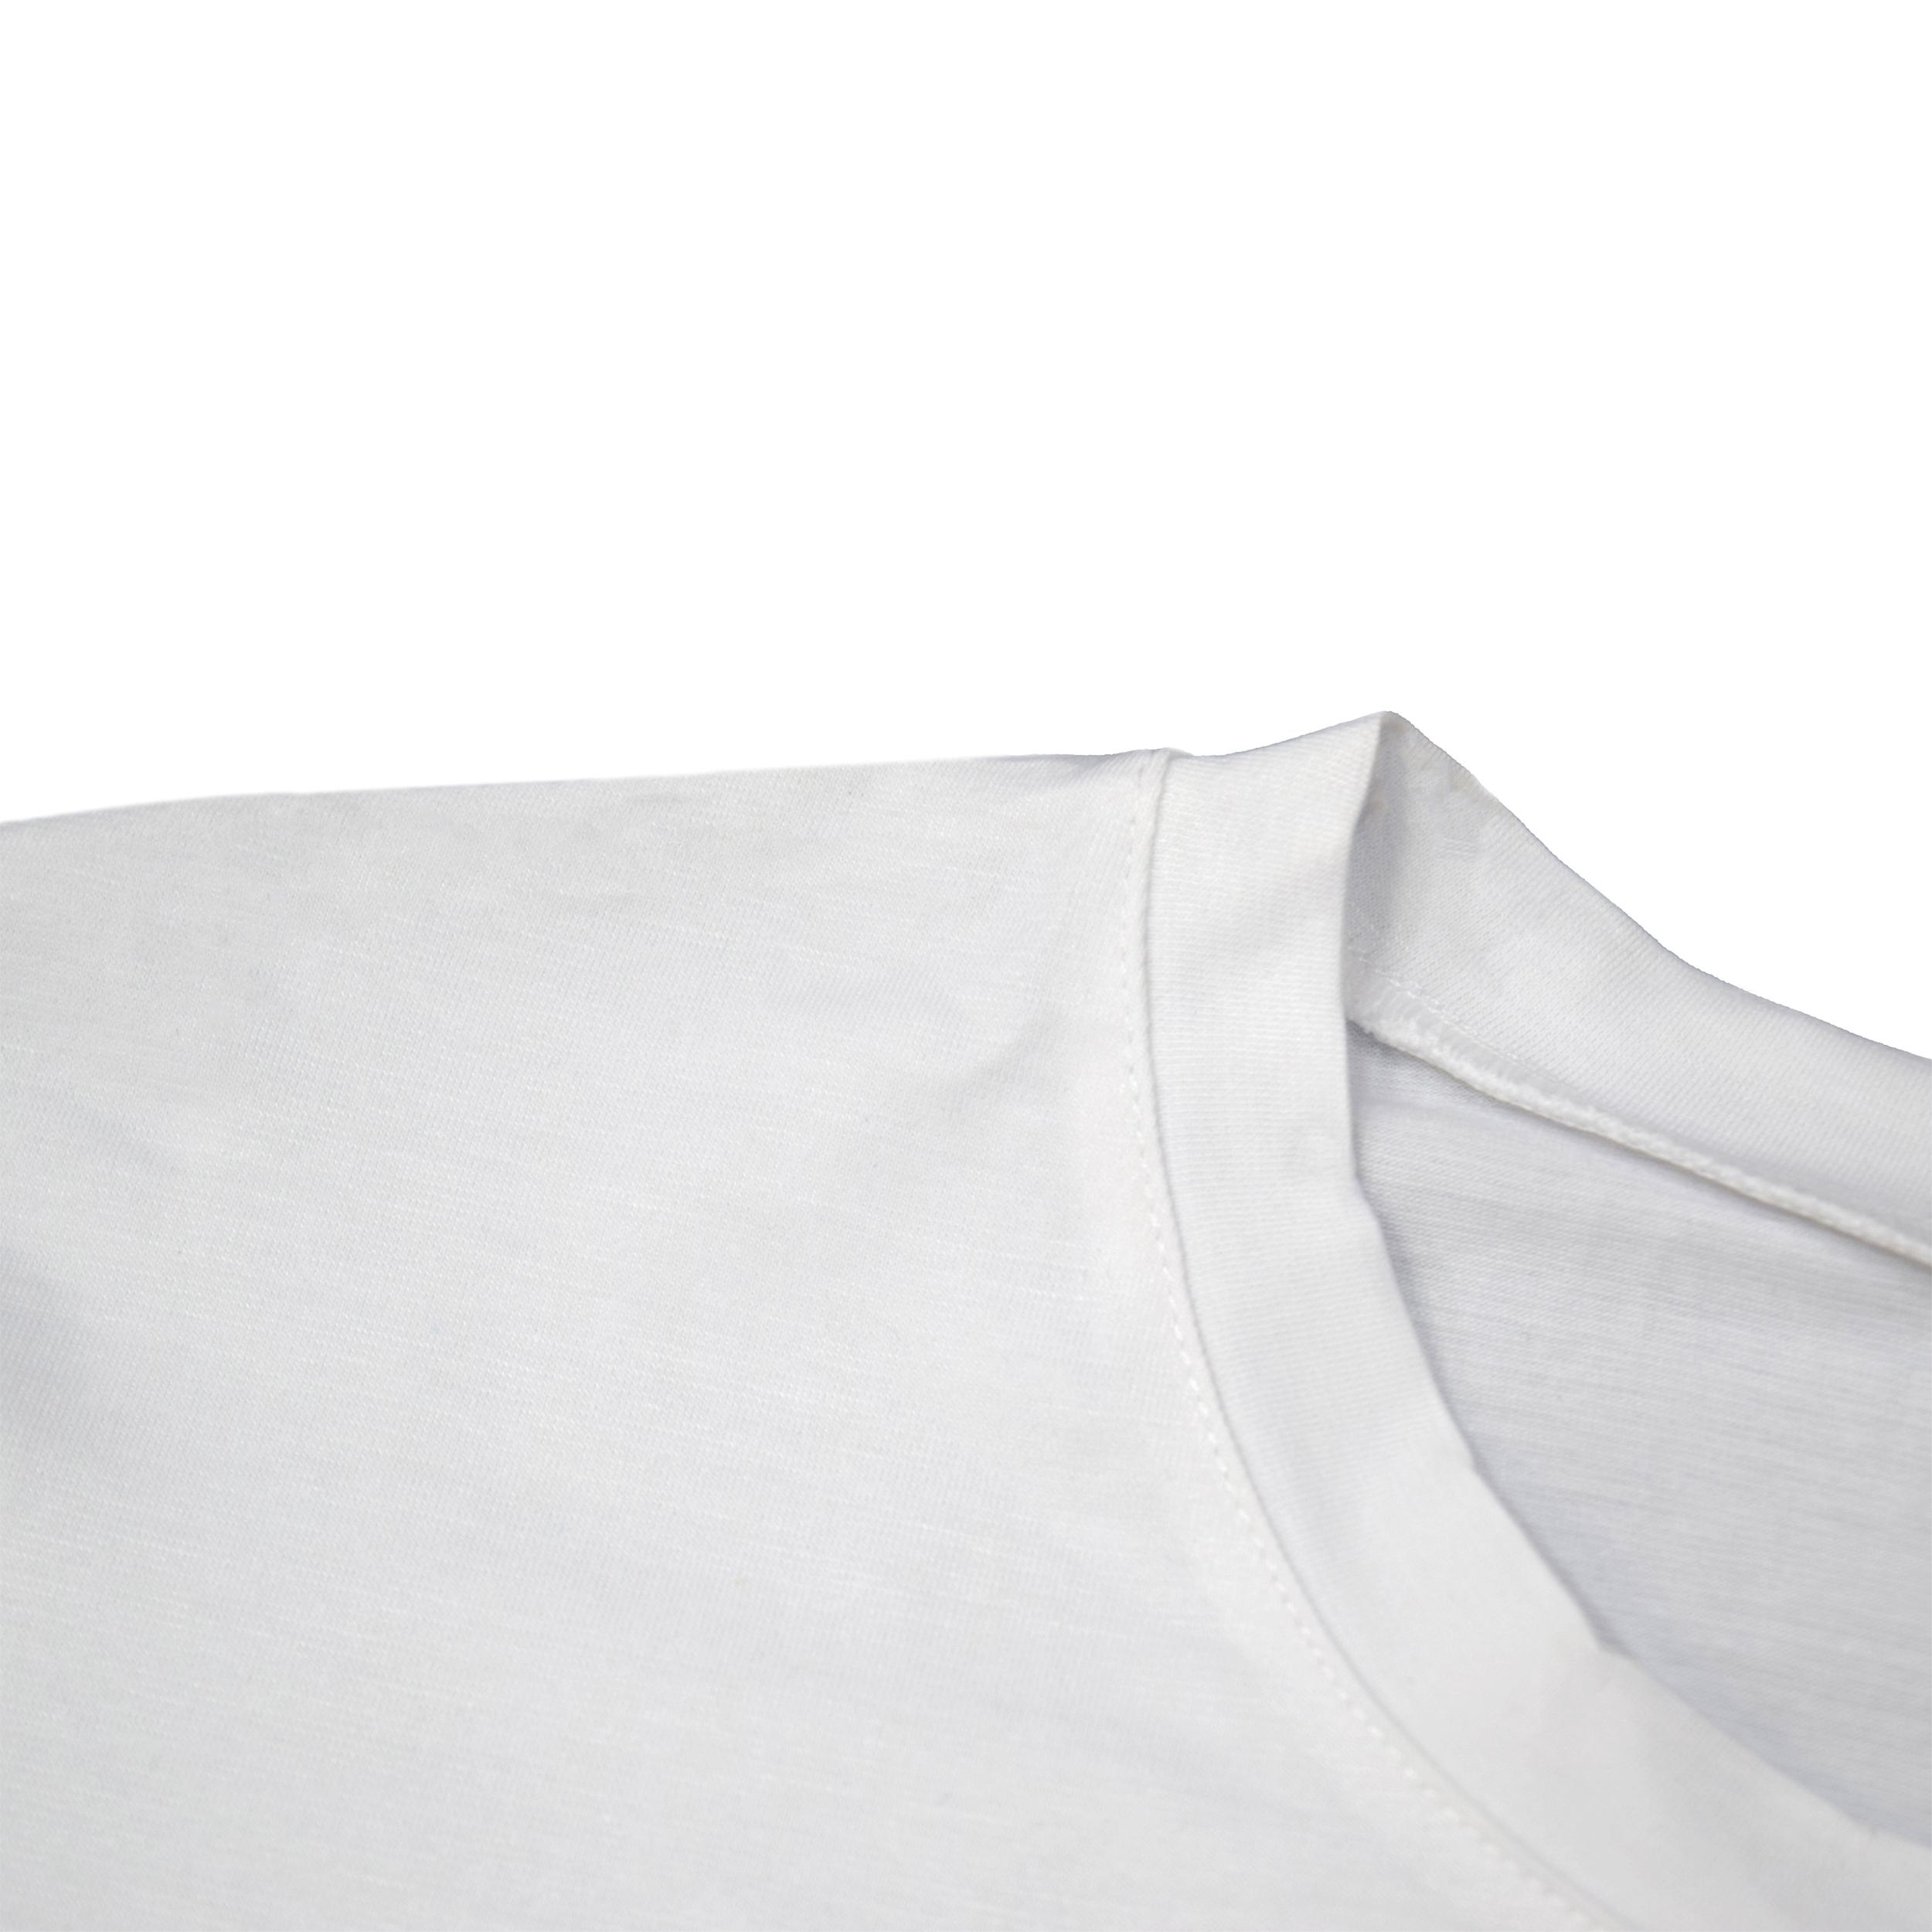 تی شرت آستین کوتاه زنانه طرح فضانورد کد Z380 -  - 4